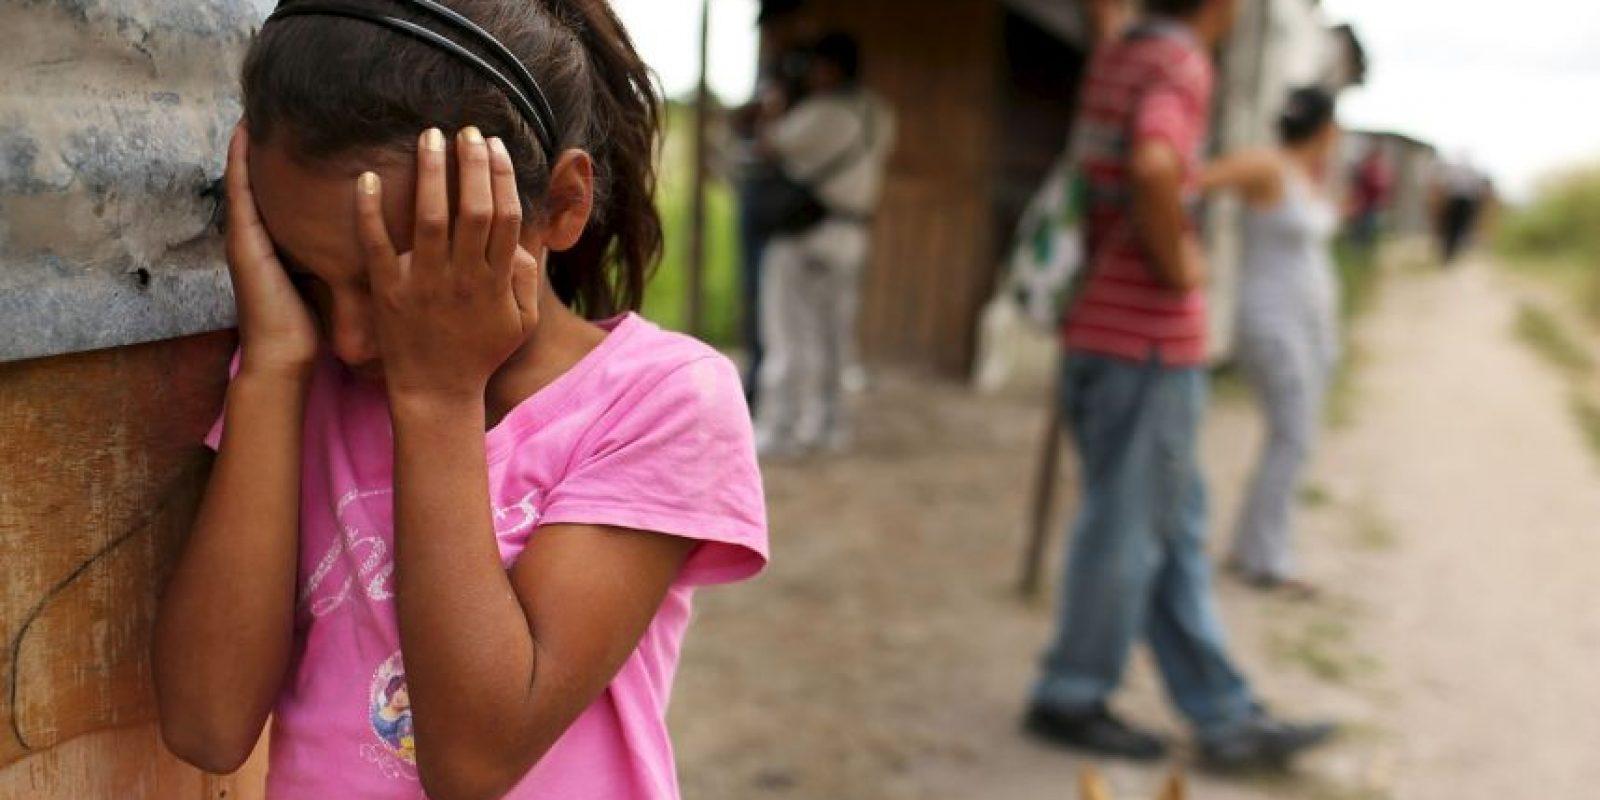 Casi una tercera parte de los estudiantes de 11 a 15 años de Europa y América del Norte dijeron que habían intimidado a otros; en Letonia y Rumania, casi 6 de cada 10 admitieron haber intimidado a otros compañeros. Foto:Getty Images